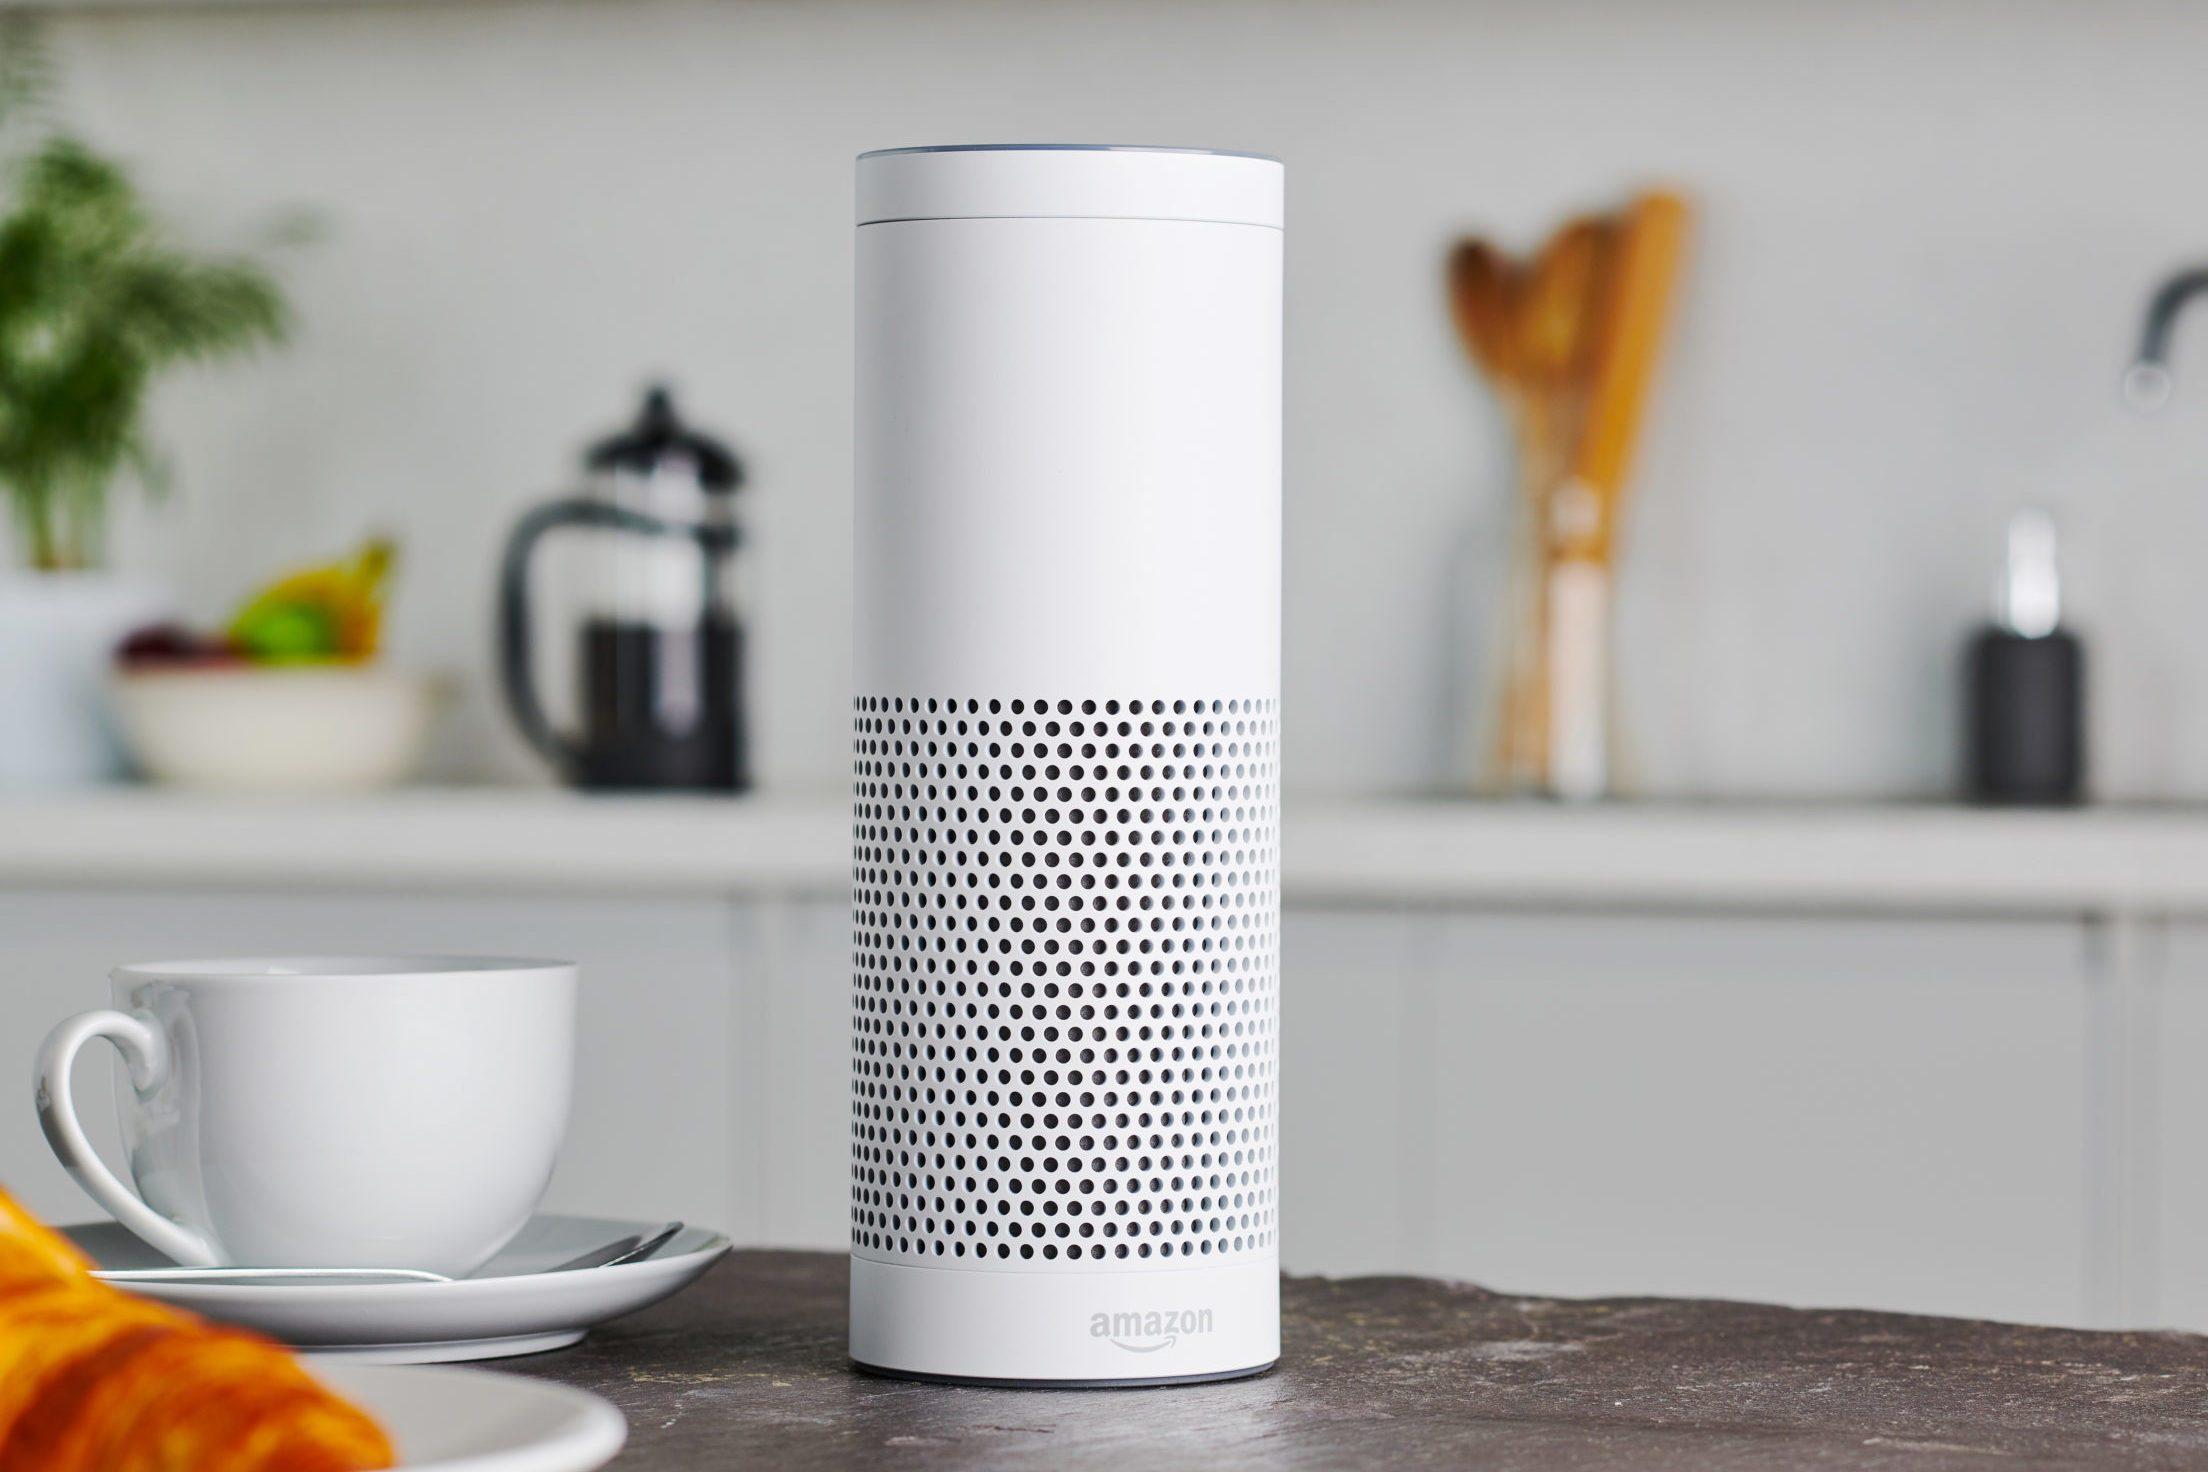 Amazon Echo Plus Product Shoot